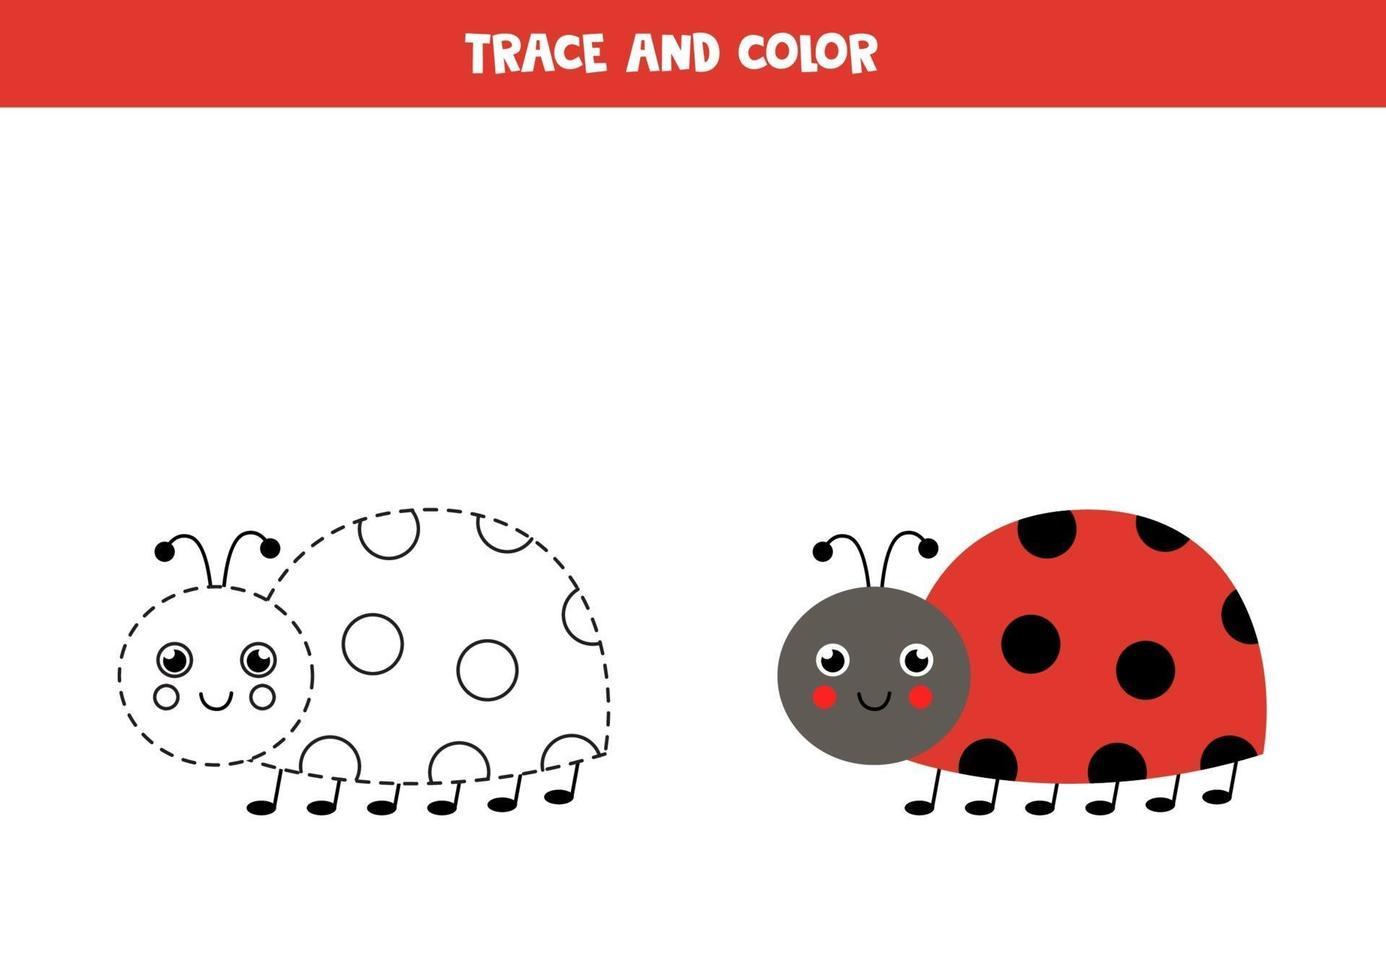 trazar y colorear mariquita linda. hoja de trabajo para niños. vector